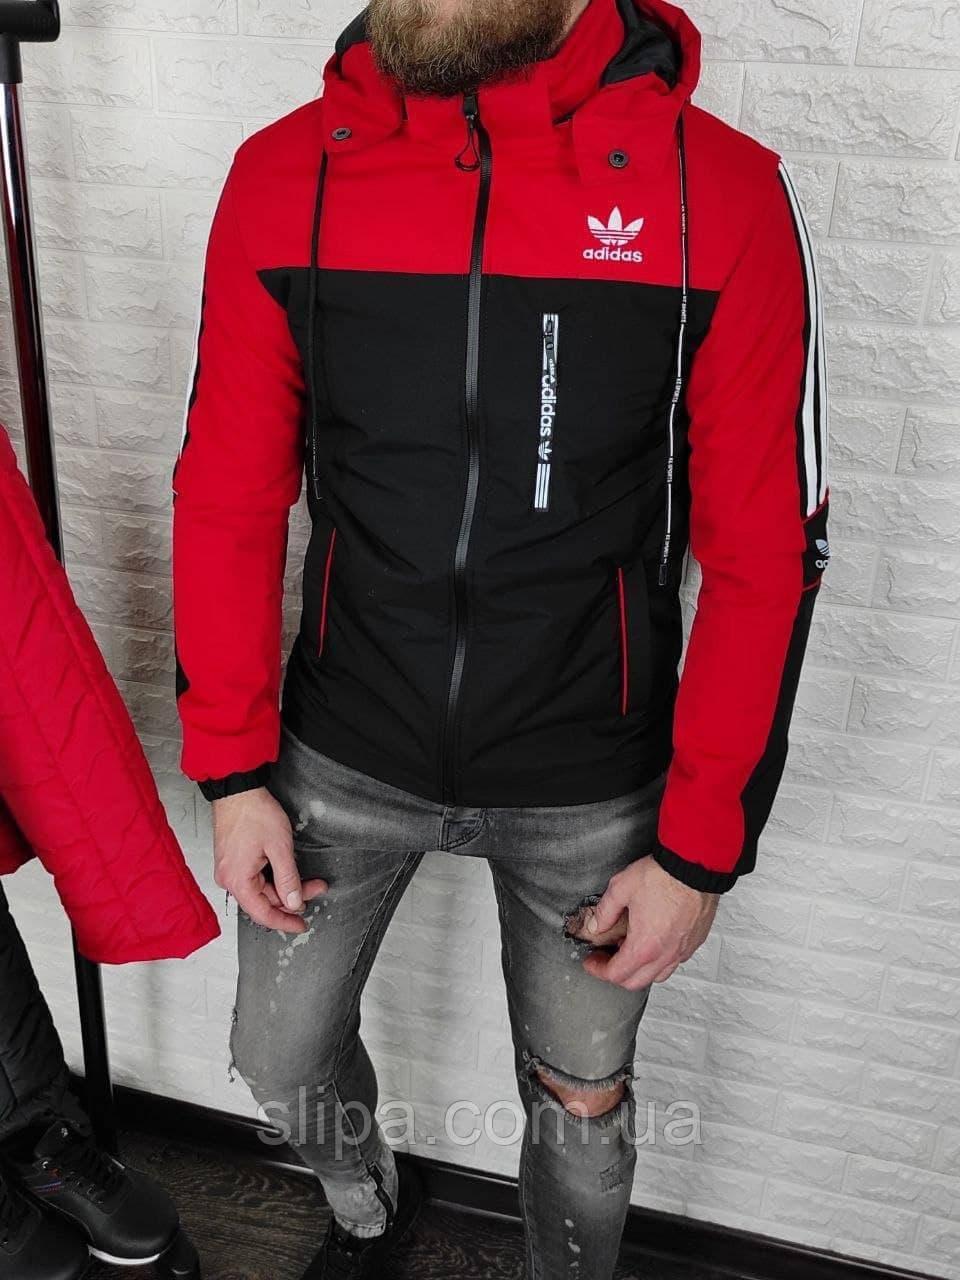 Мужская утеплённая ветровка в стиле Adidas чёрная с красным, съёмный капюшон